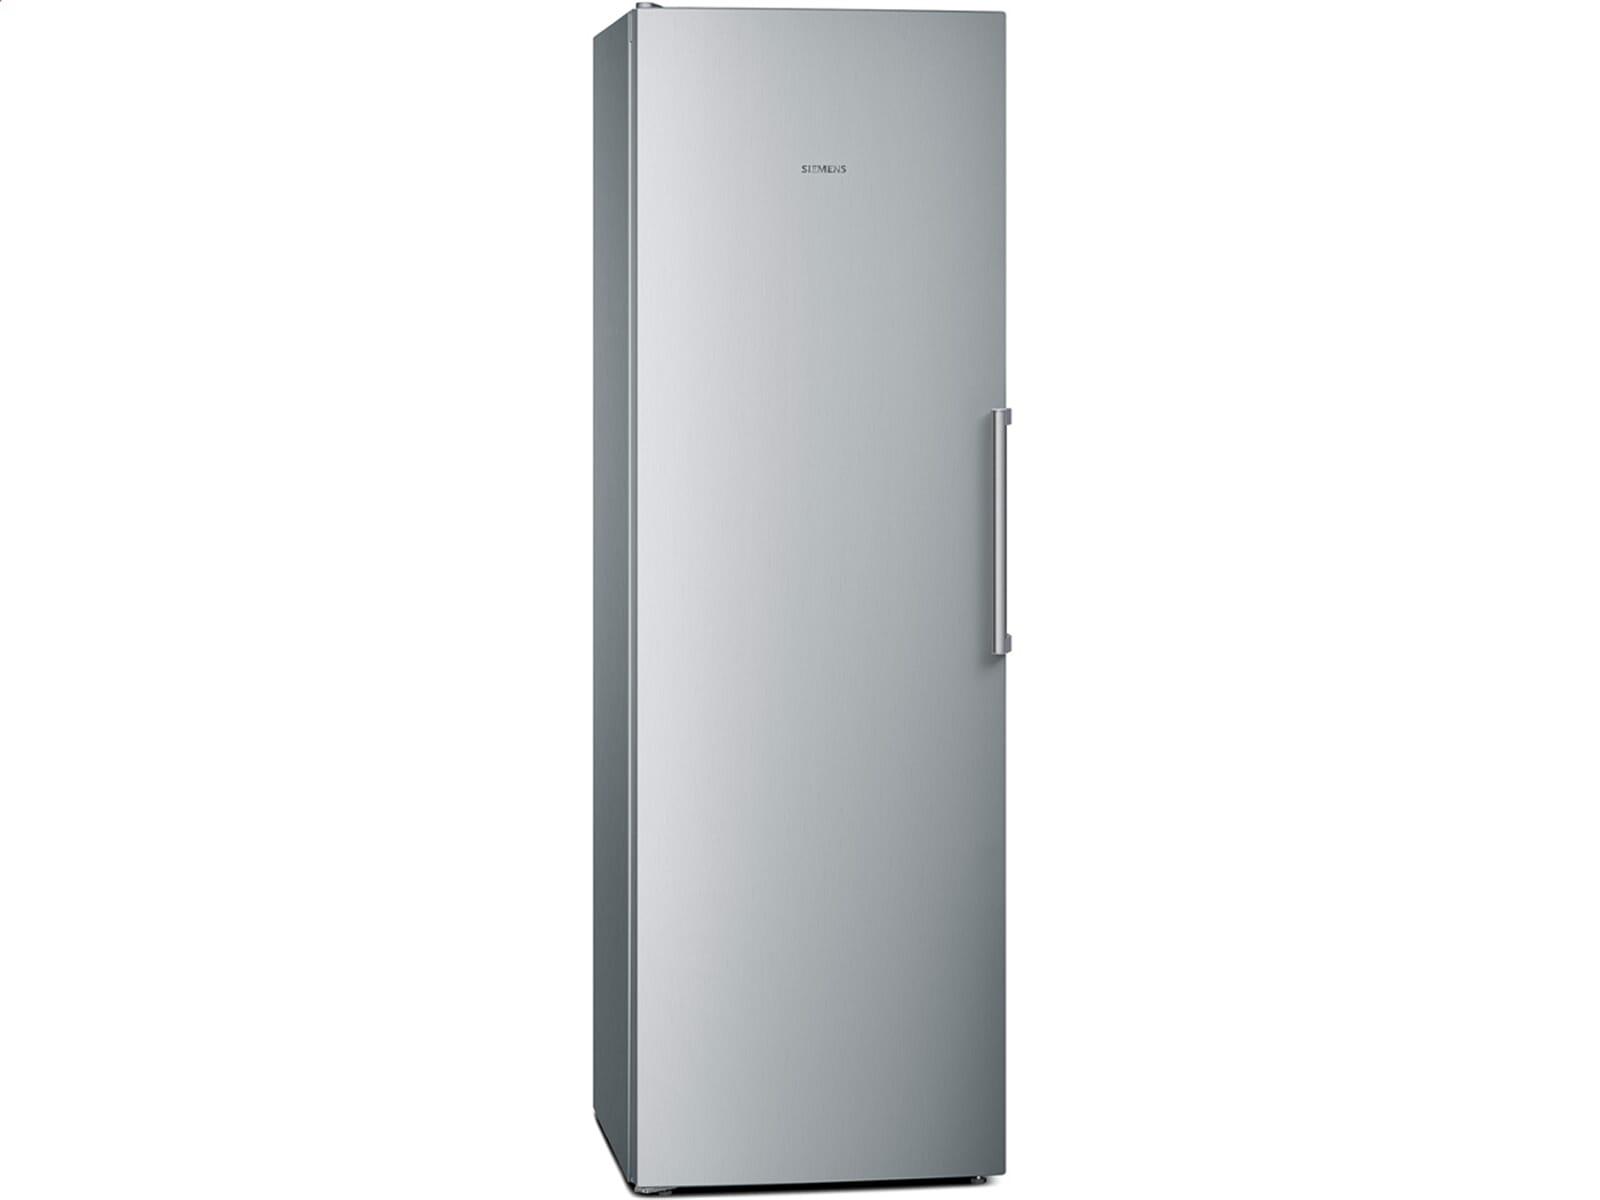 Siemens Kühlschrank Unterbau : Unterbau geschirrspüler günstig kaufen siemens kühlschrank